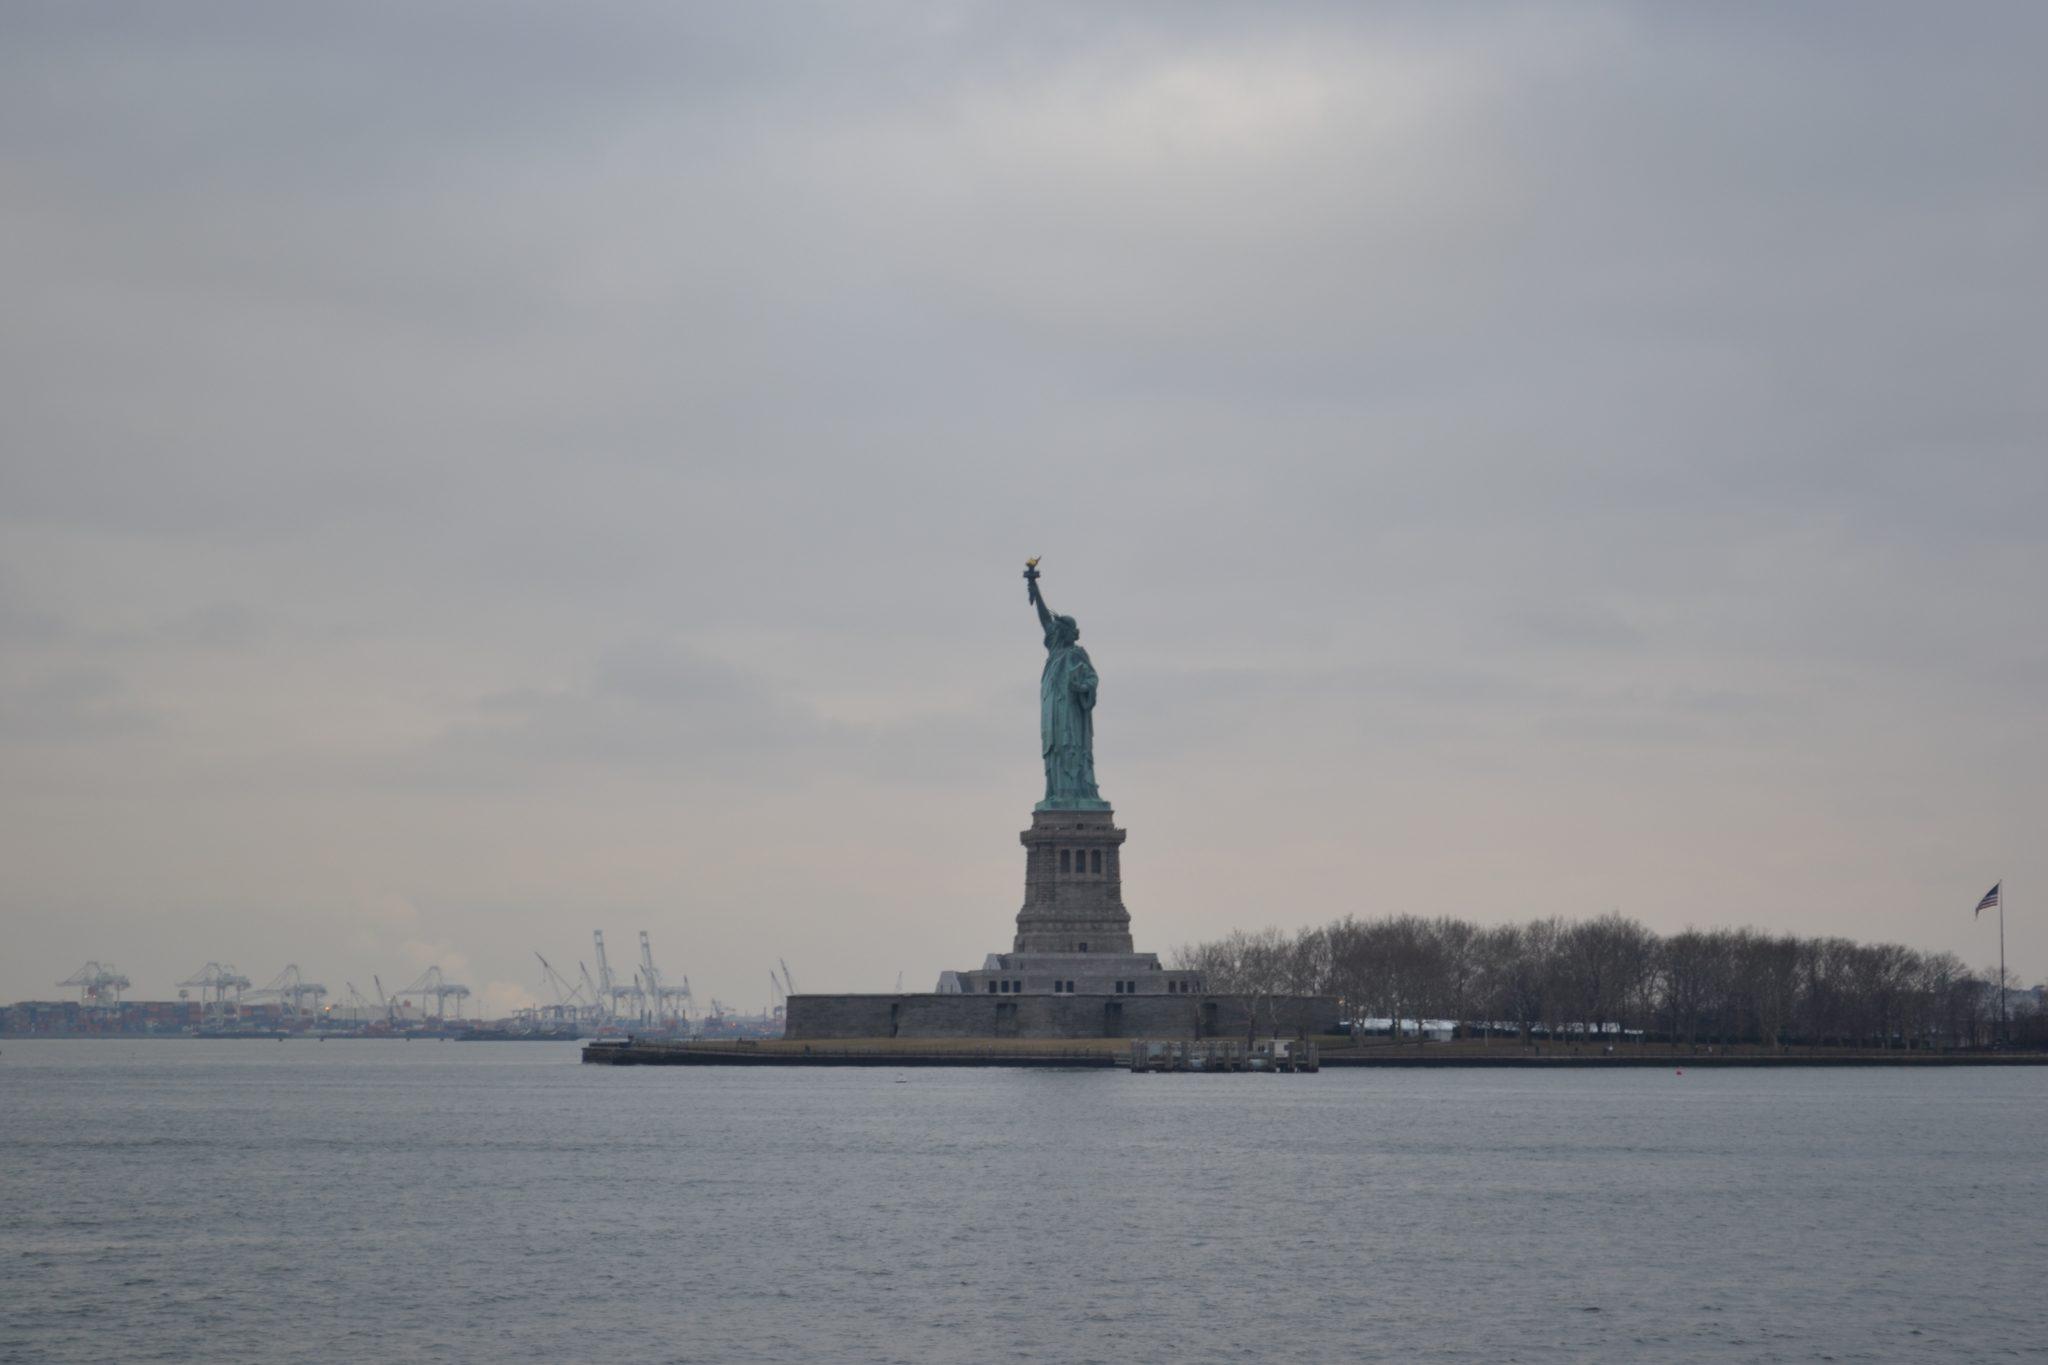 Travel Diary: Eine Woche in New York | USA - dsc 0416